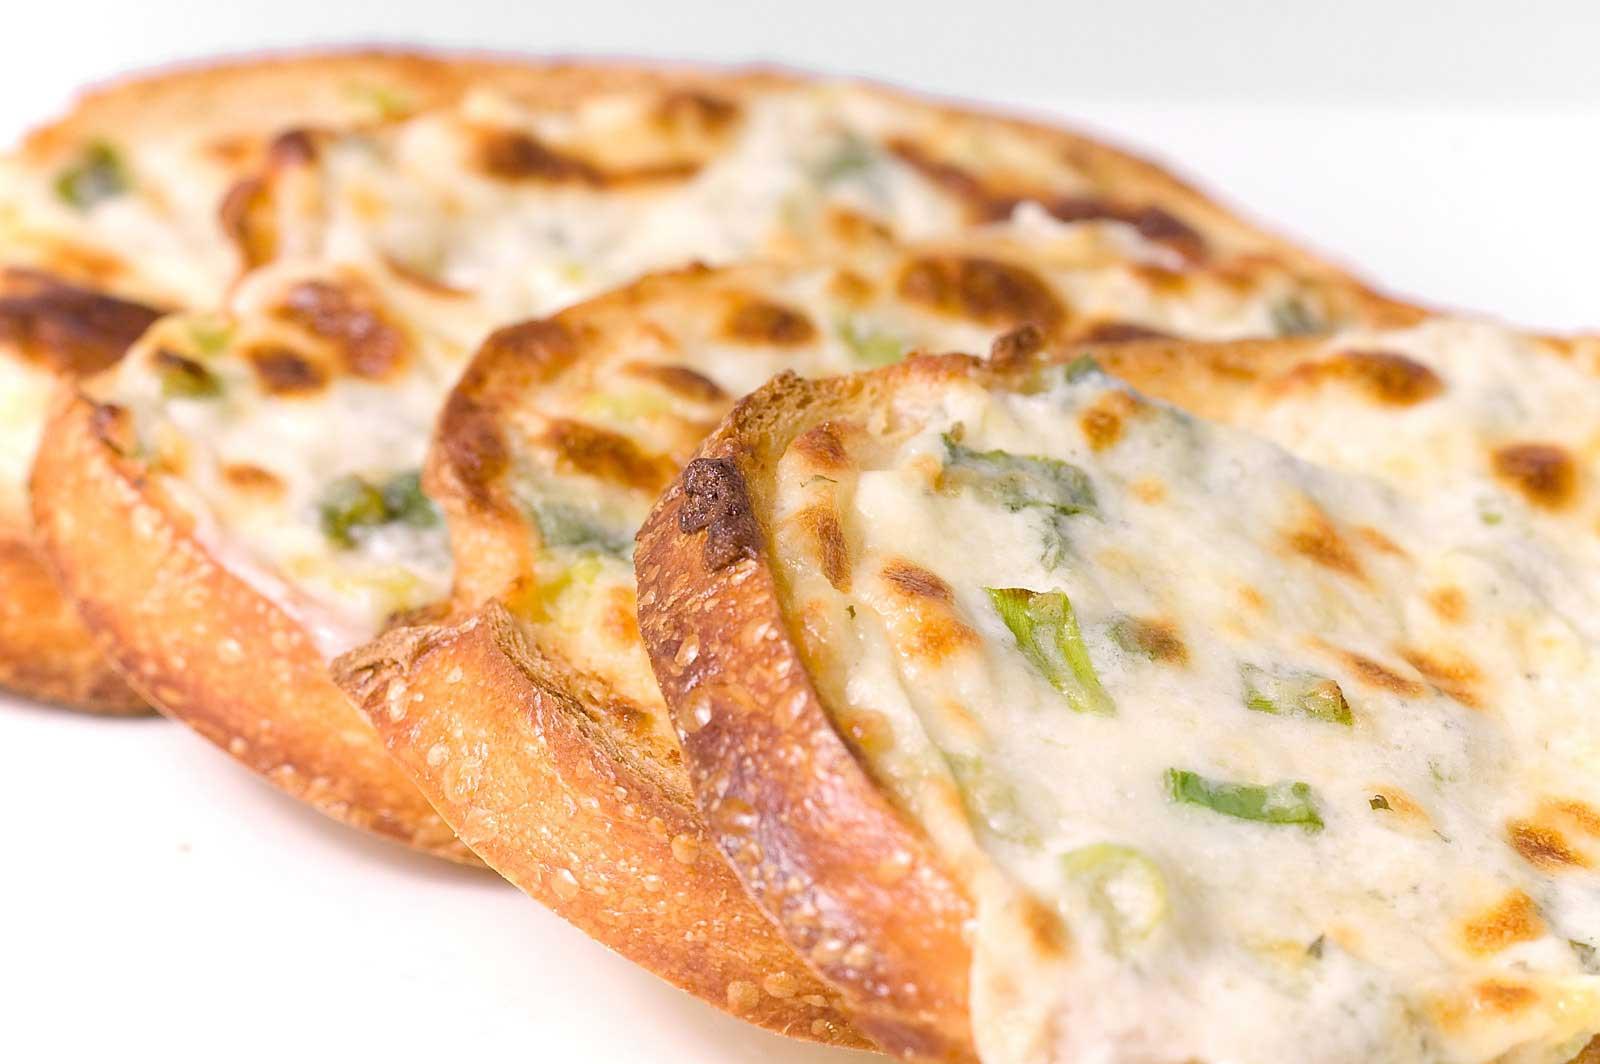 Recipe for Garlic Cheese Bread - Life's Ambrosia Life's Ambrosia